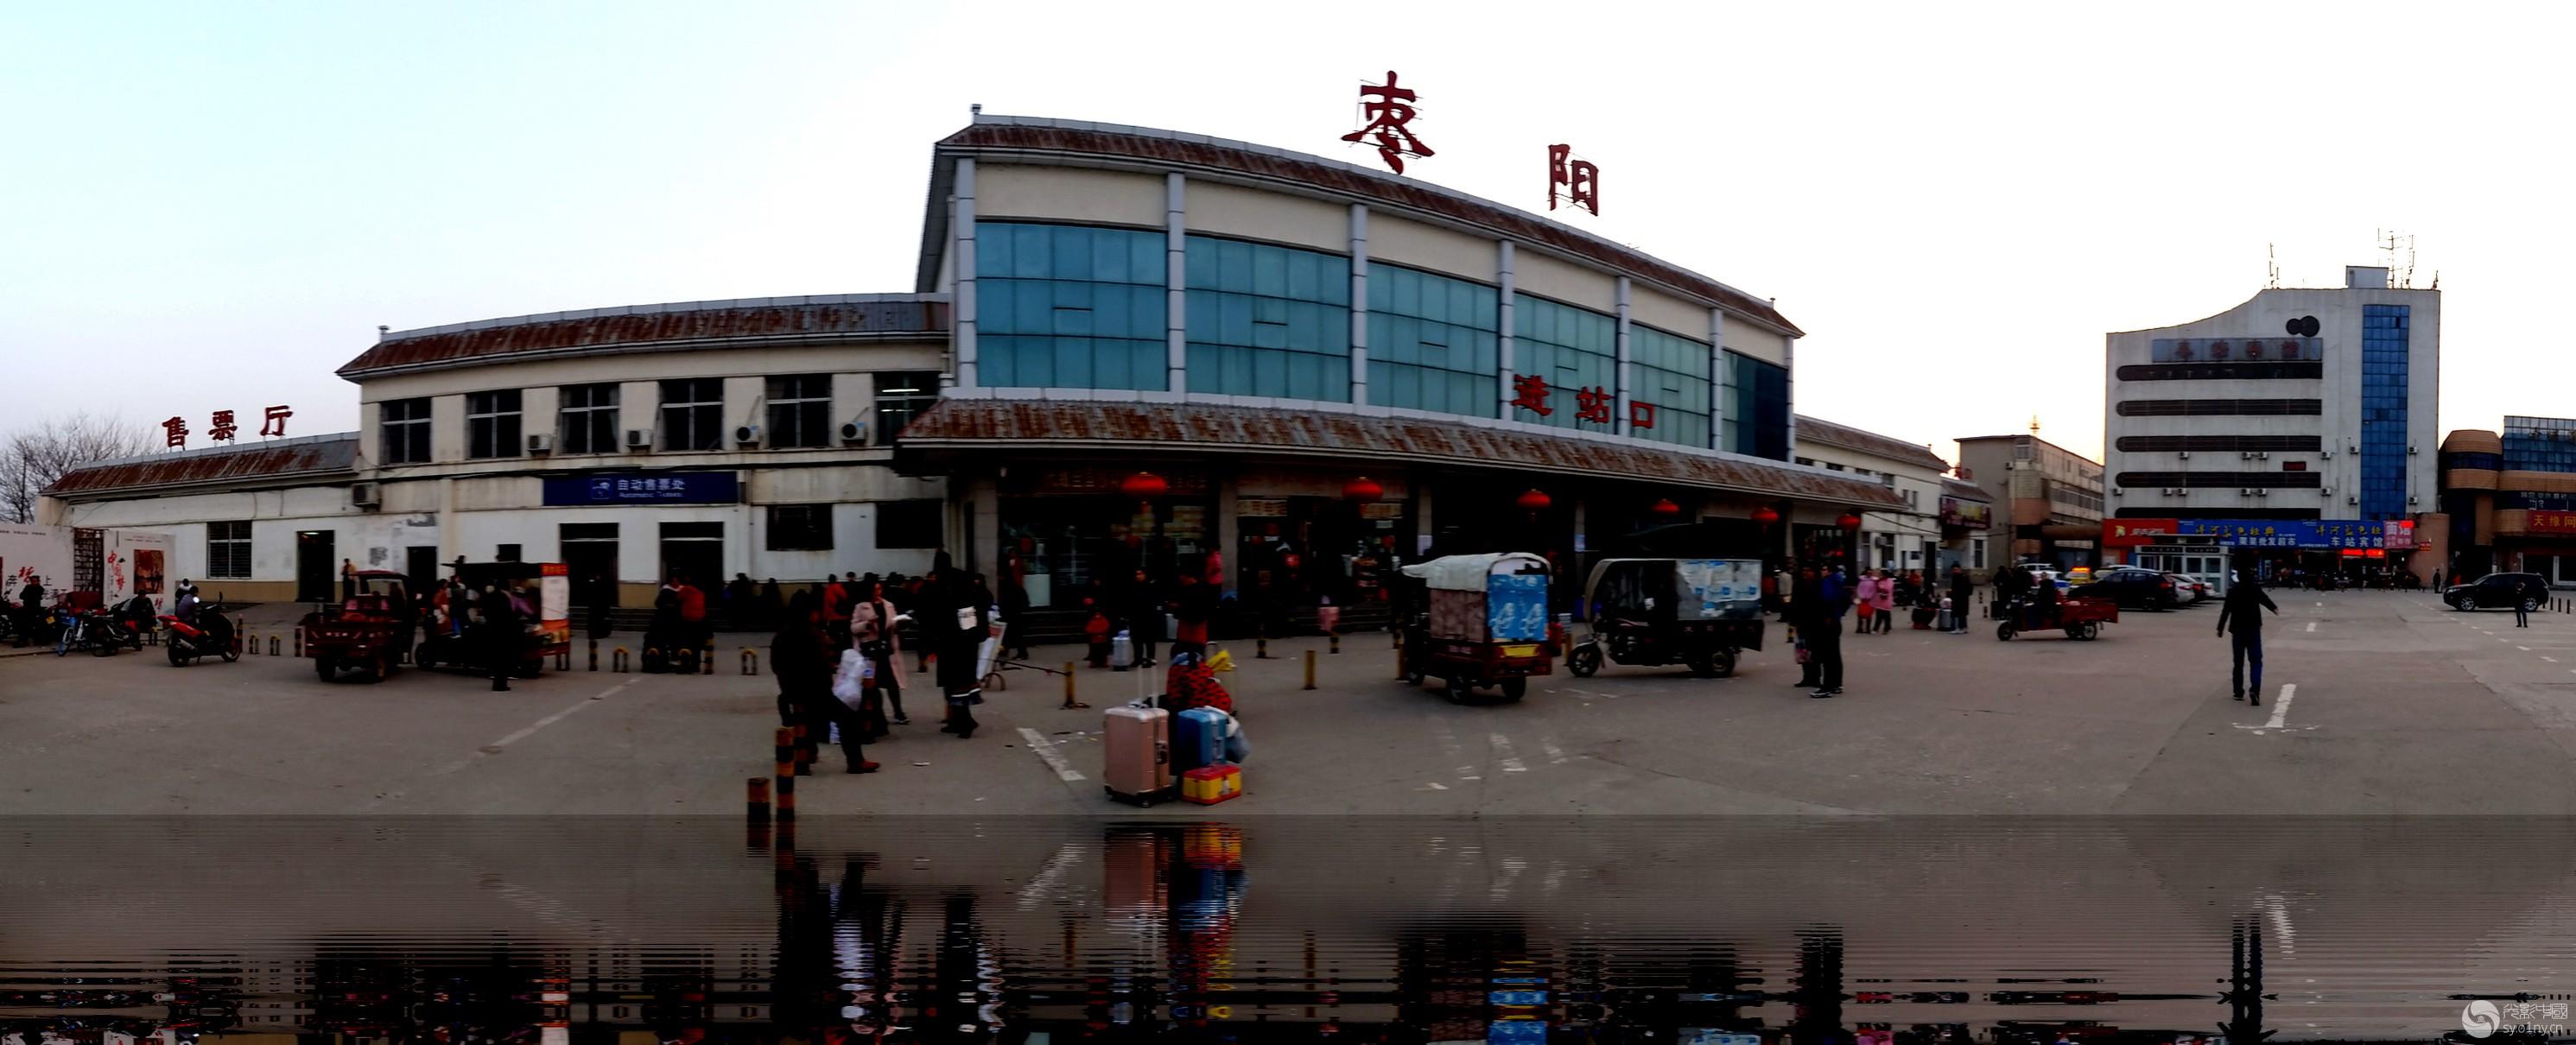 枣阳火车站玩具?枣阳火车站!